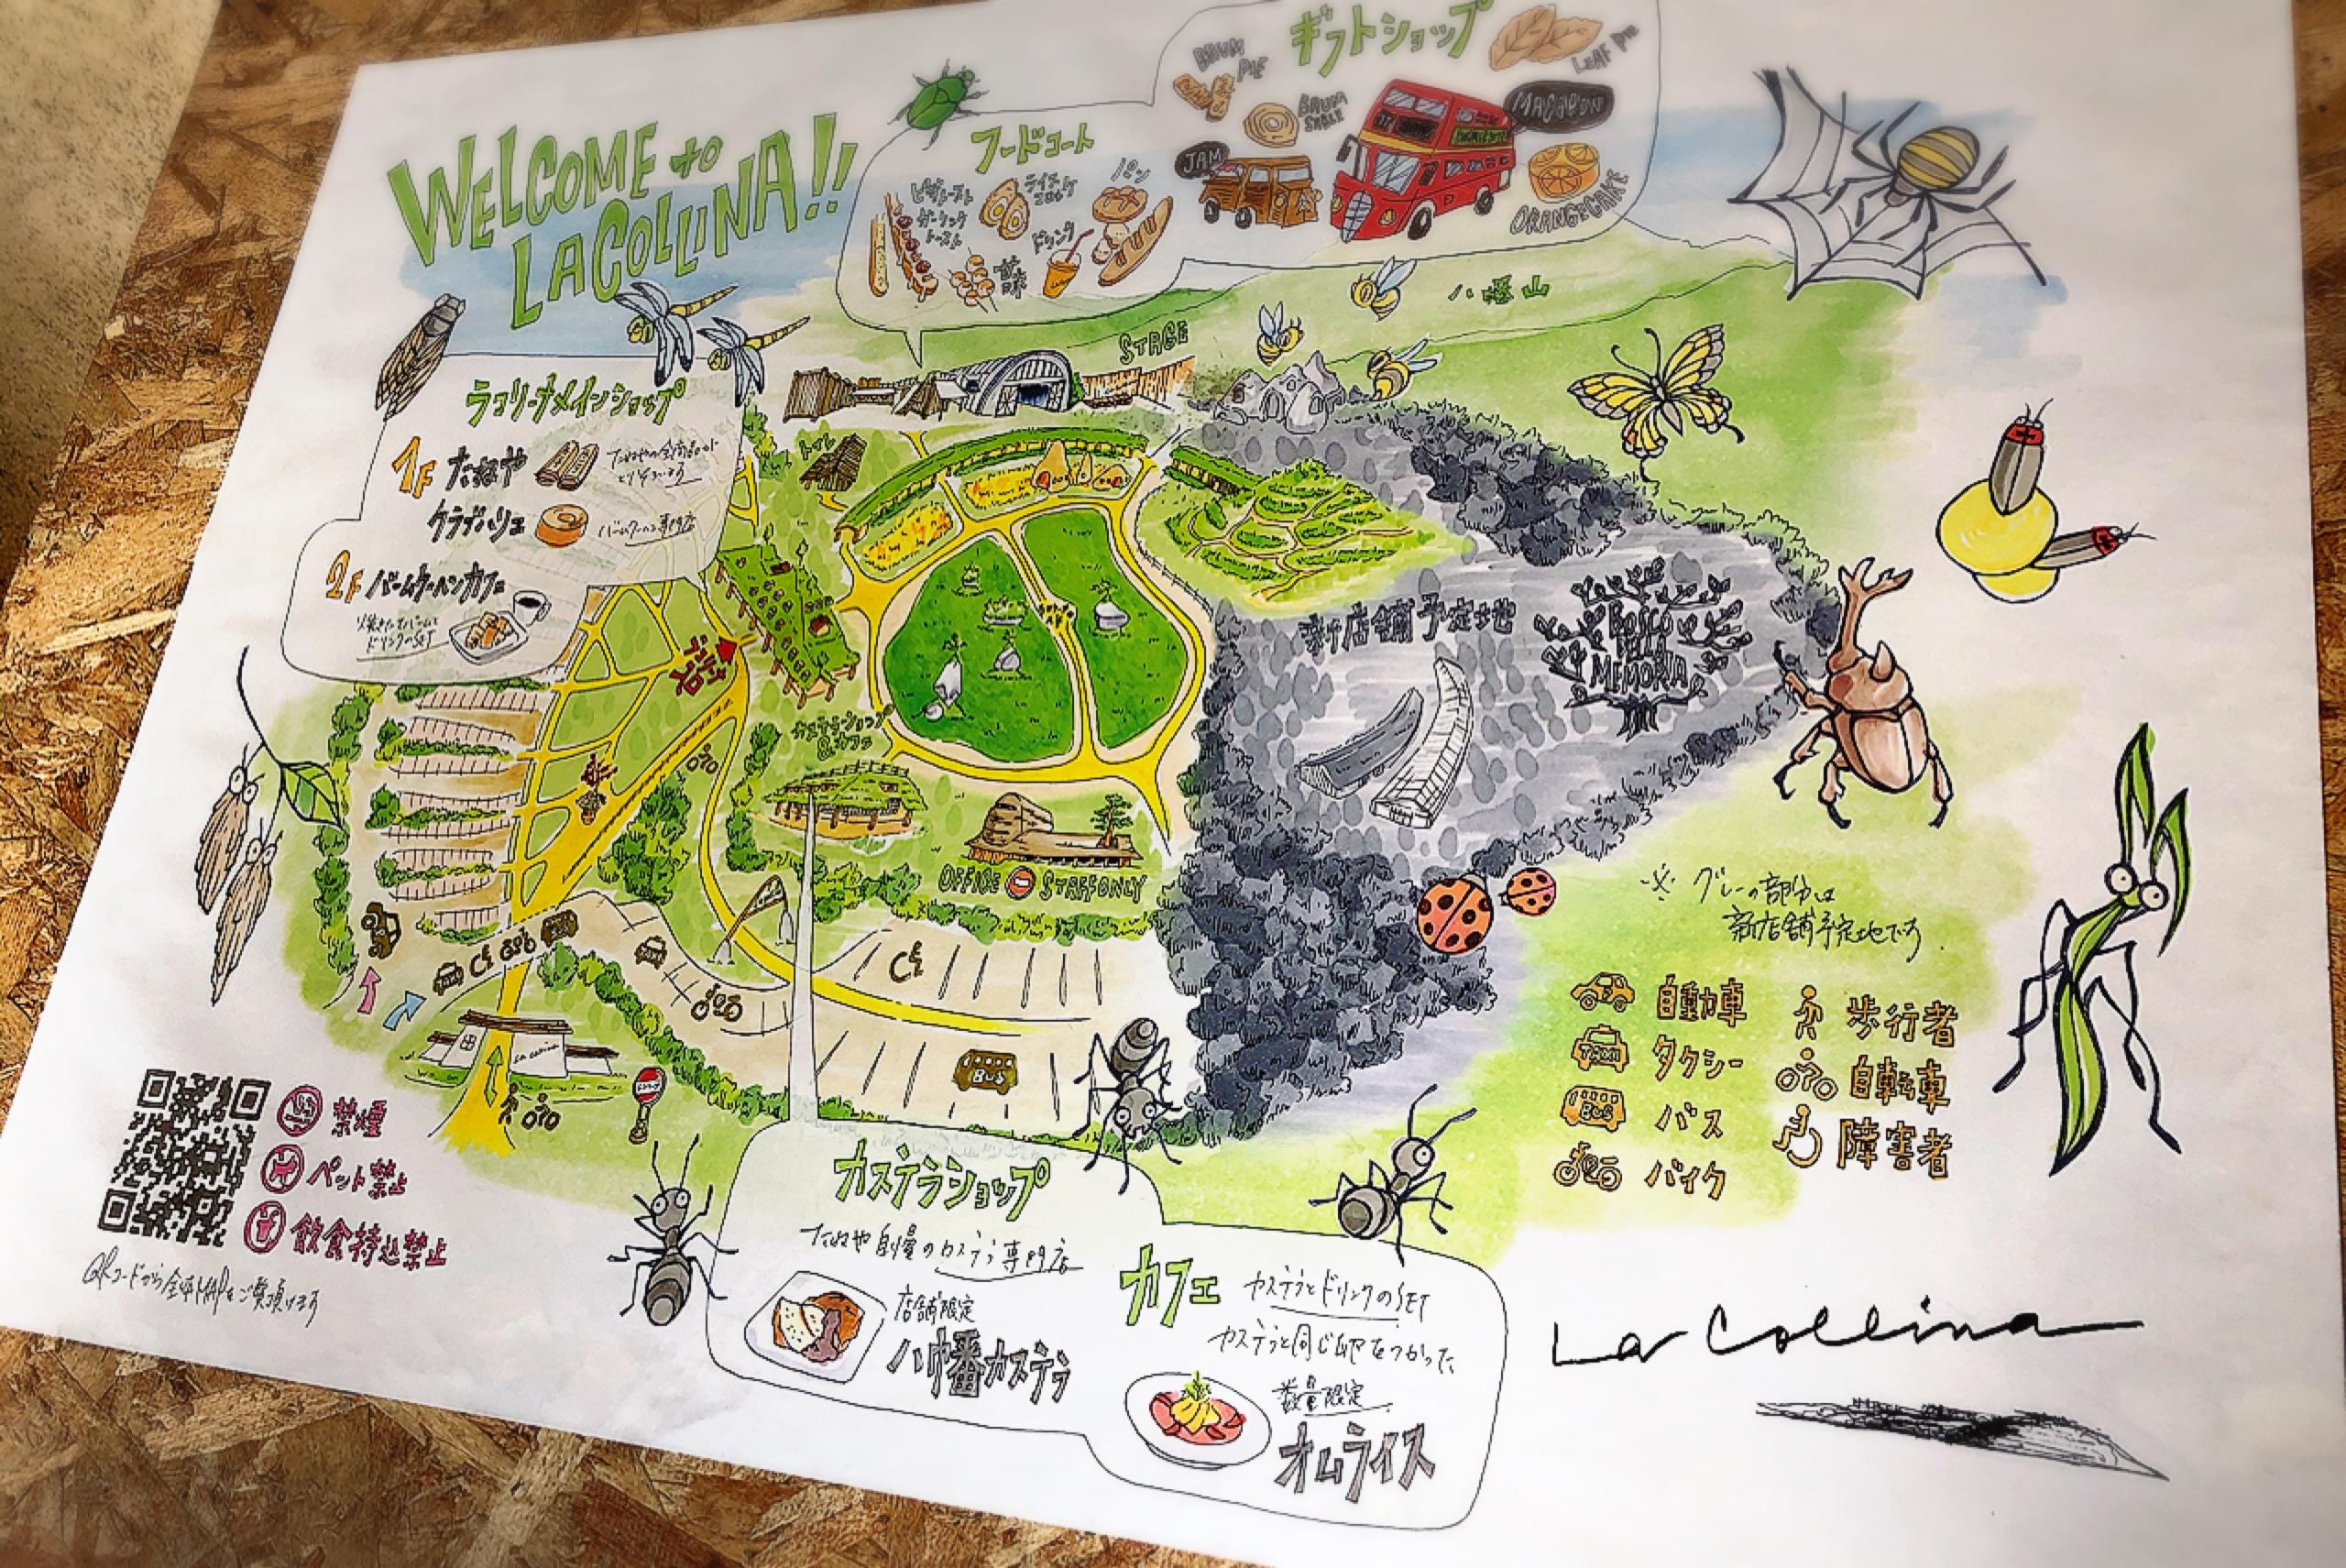 【#滋賀】《NEW YEAR ver.》CLUB HARIE♡ジブリ作品のような外観&壁画アートが魅力のラコリーナに行ってきました!_4